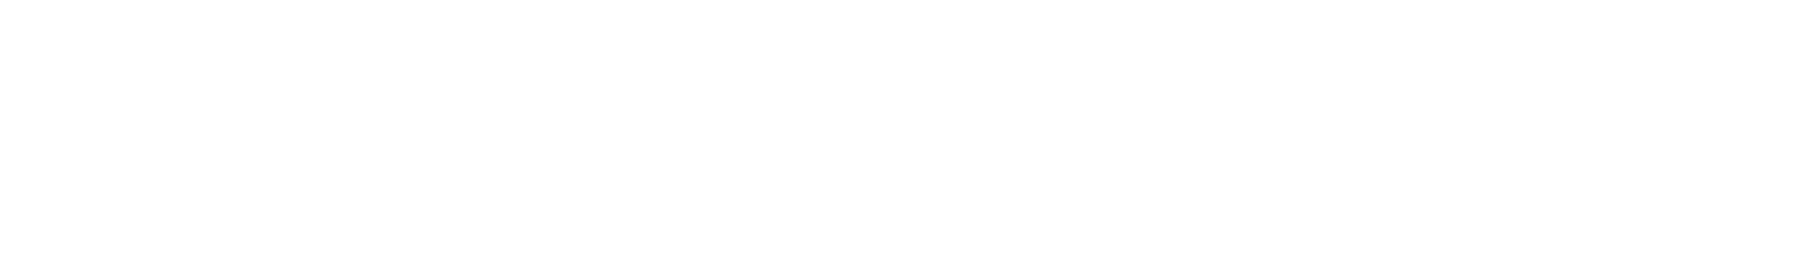 synth choir d